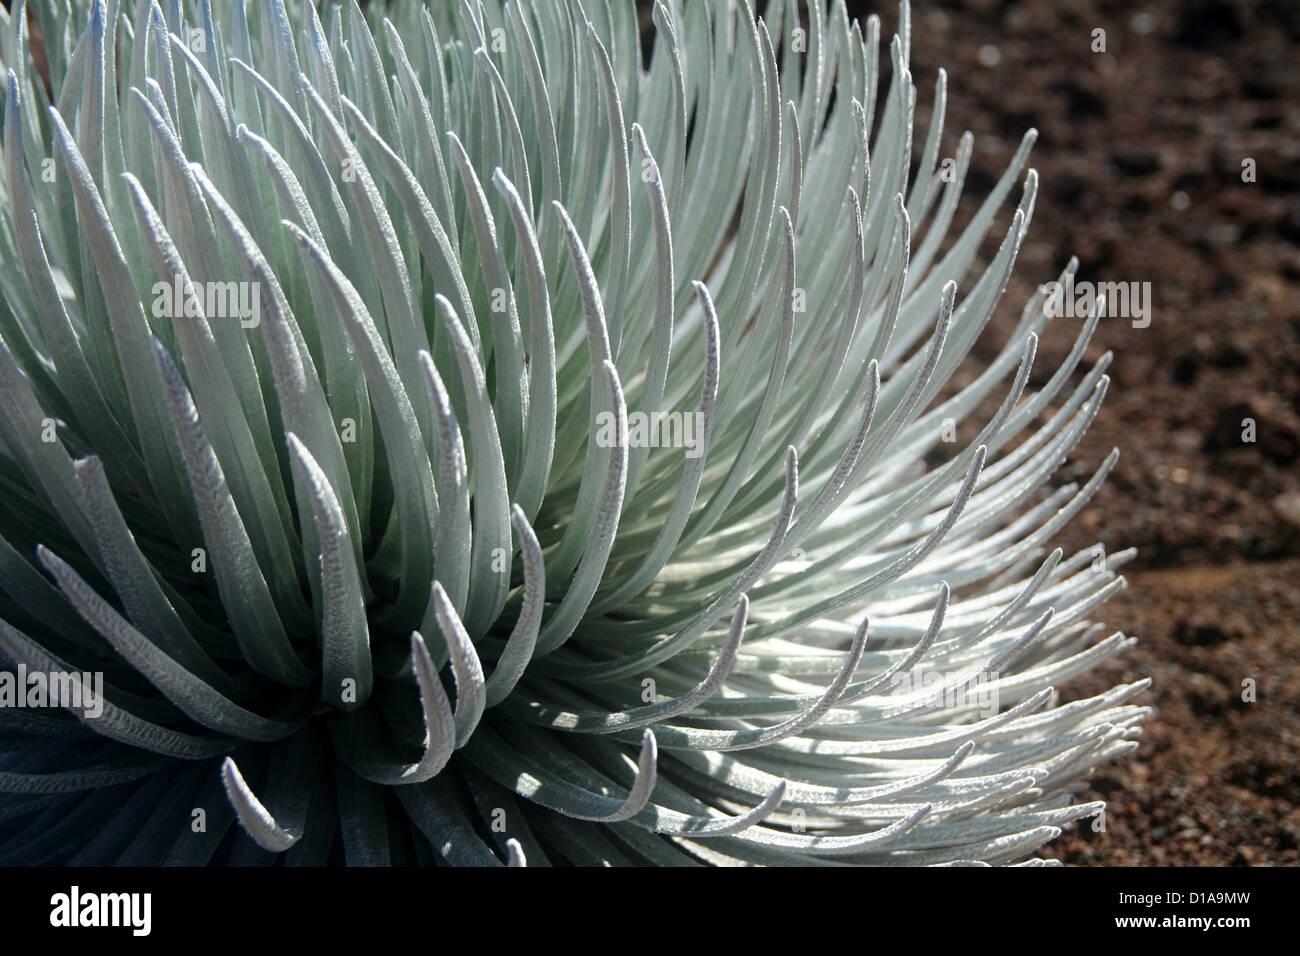 Silversword plant, Haleakala, Maui, Hawaii Stock Photo